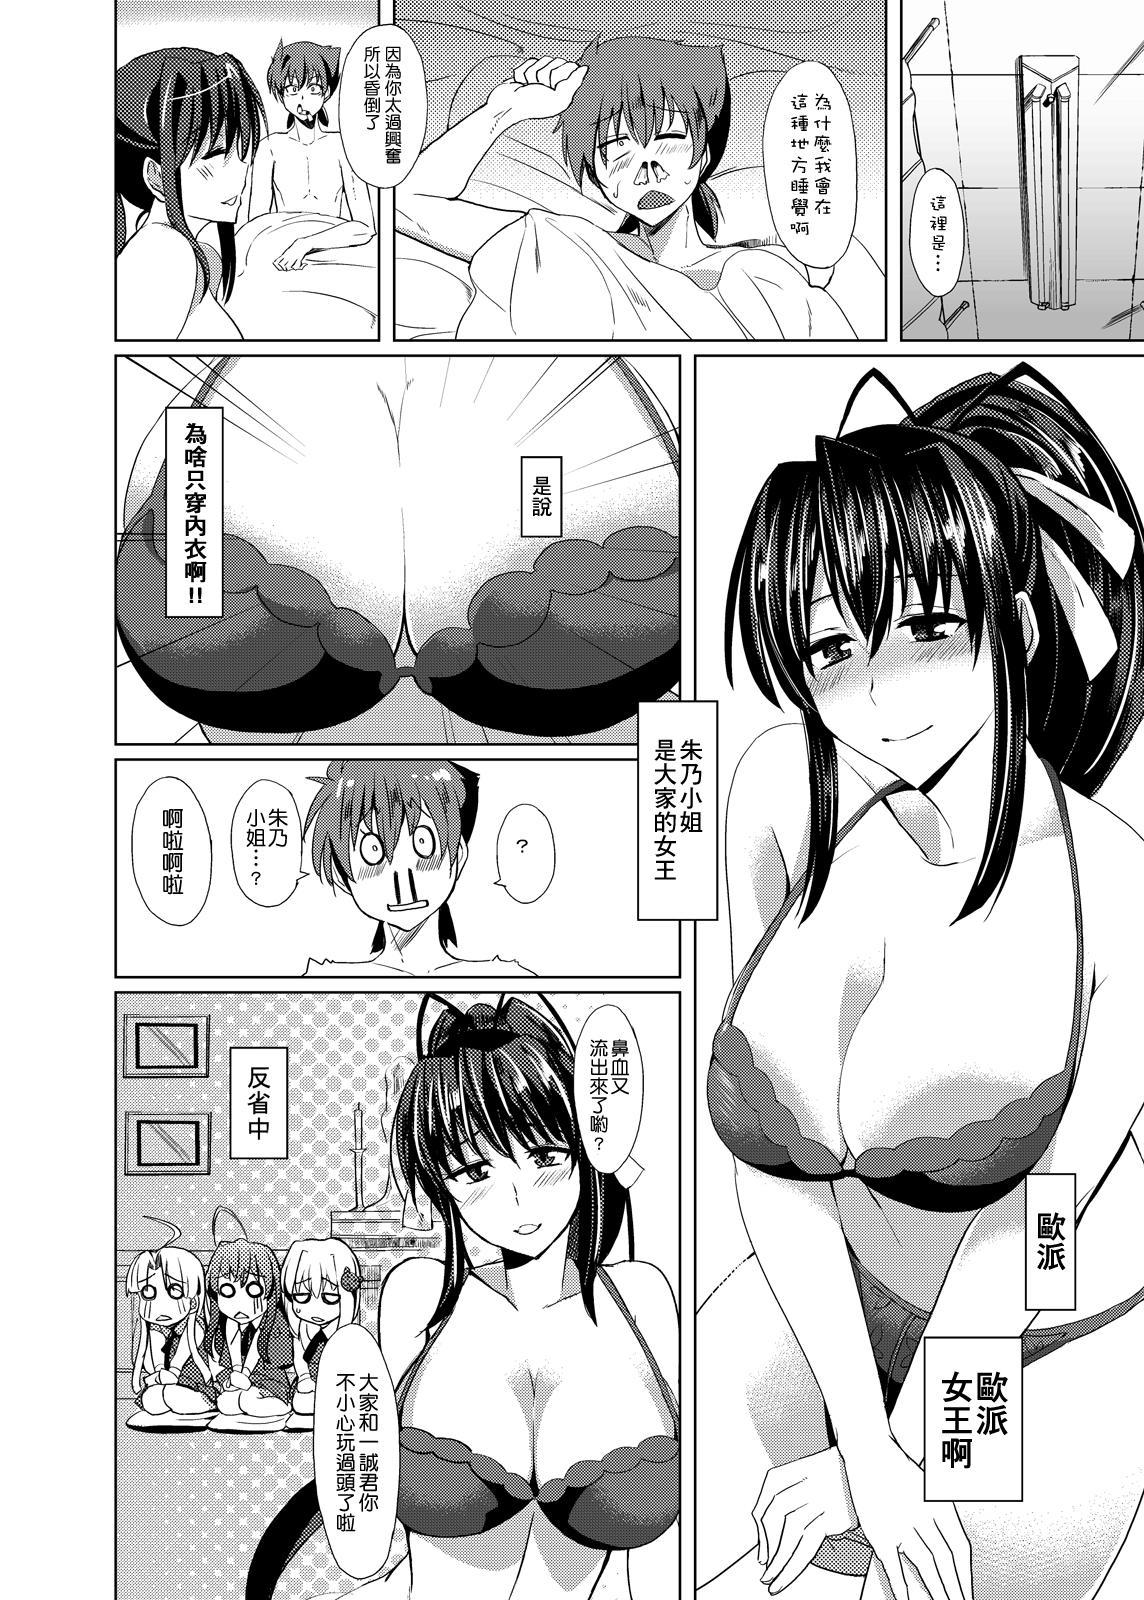 Akeno-san to DxD 4